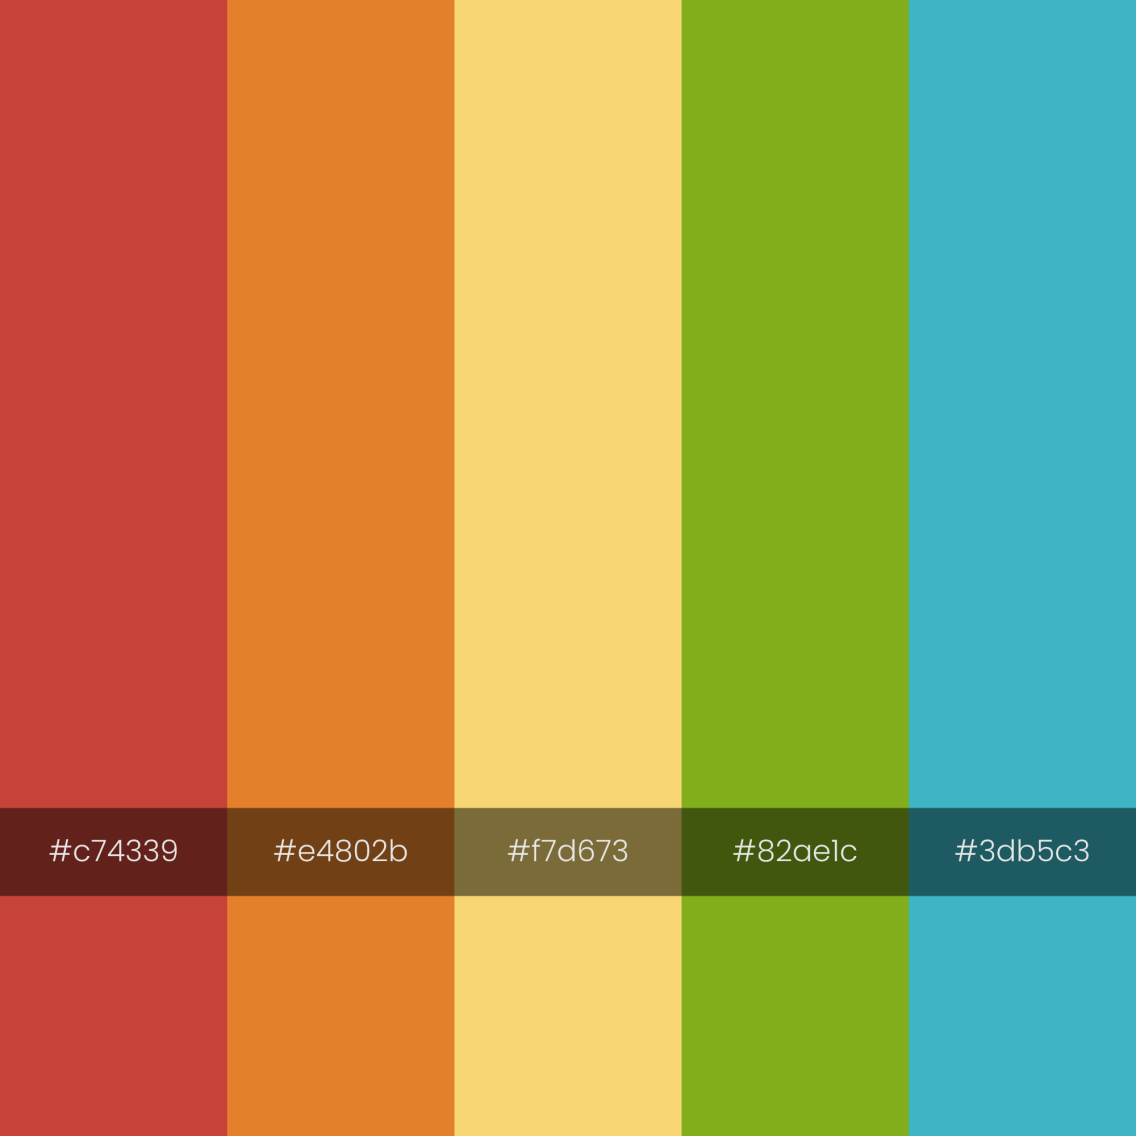 color-palette-2000-2000-la-la-la-extended